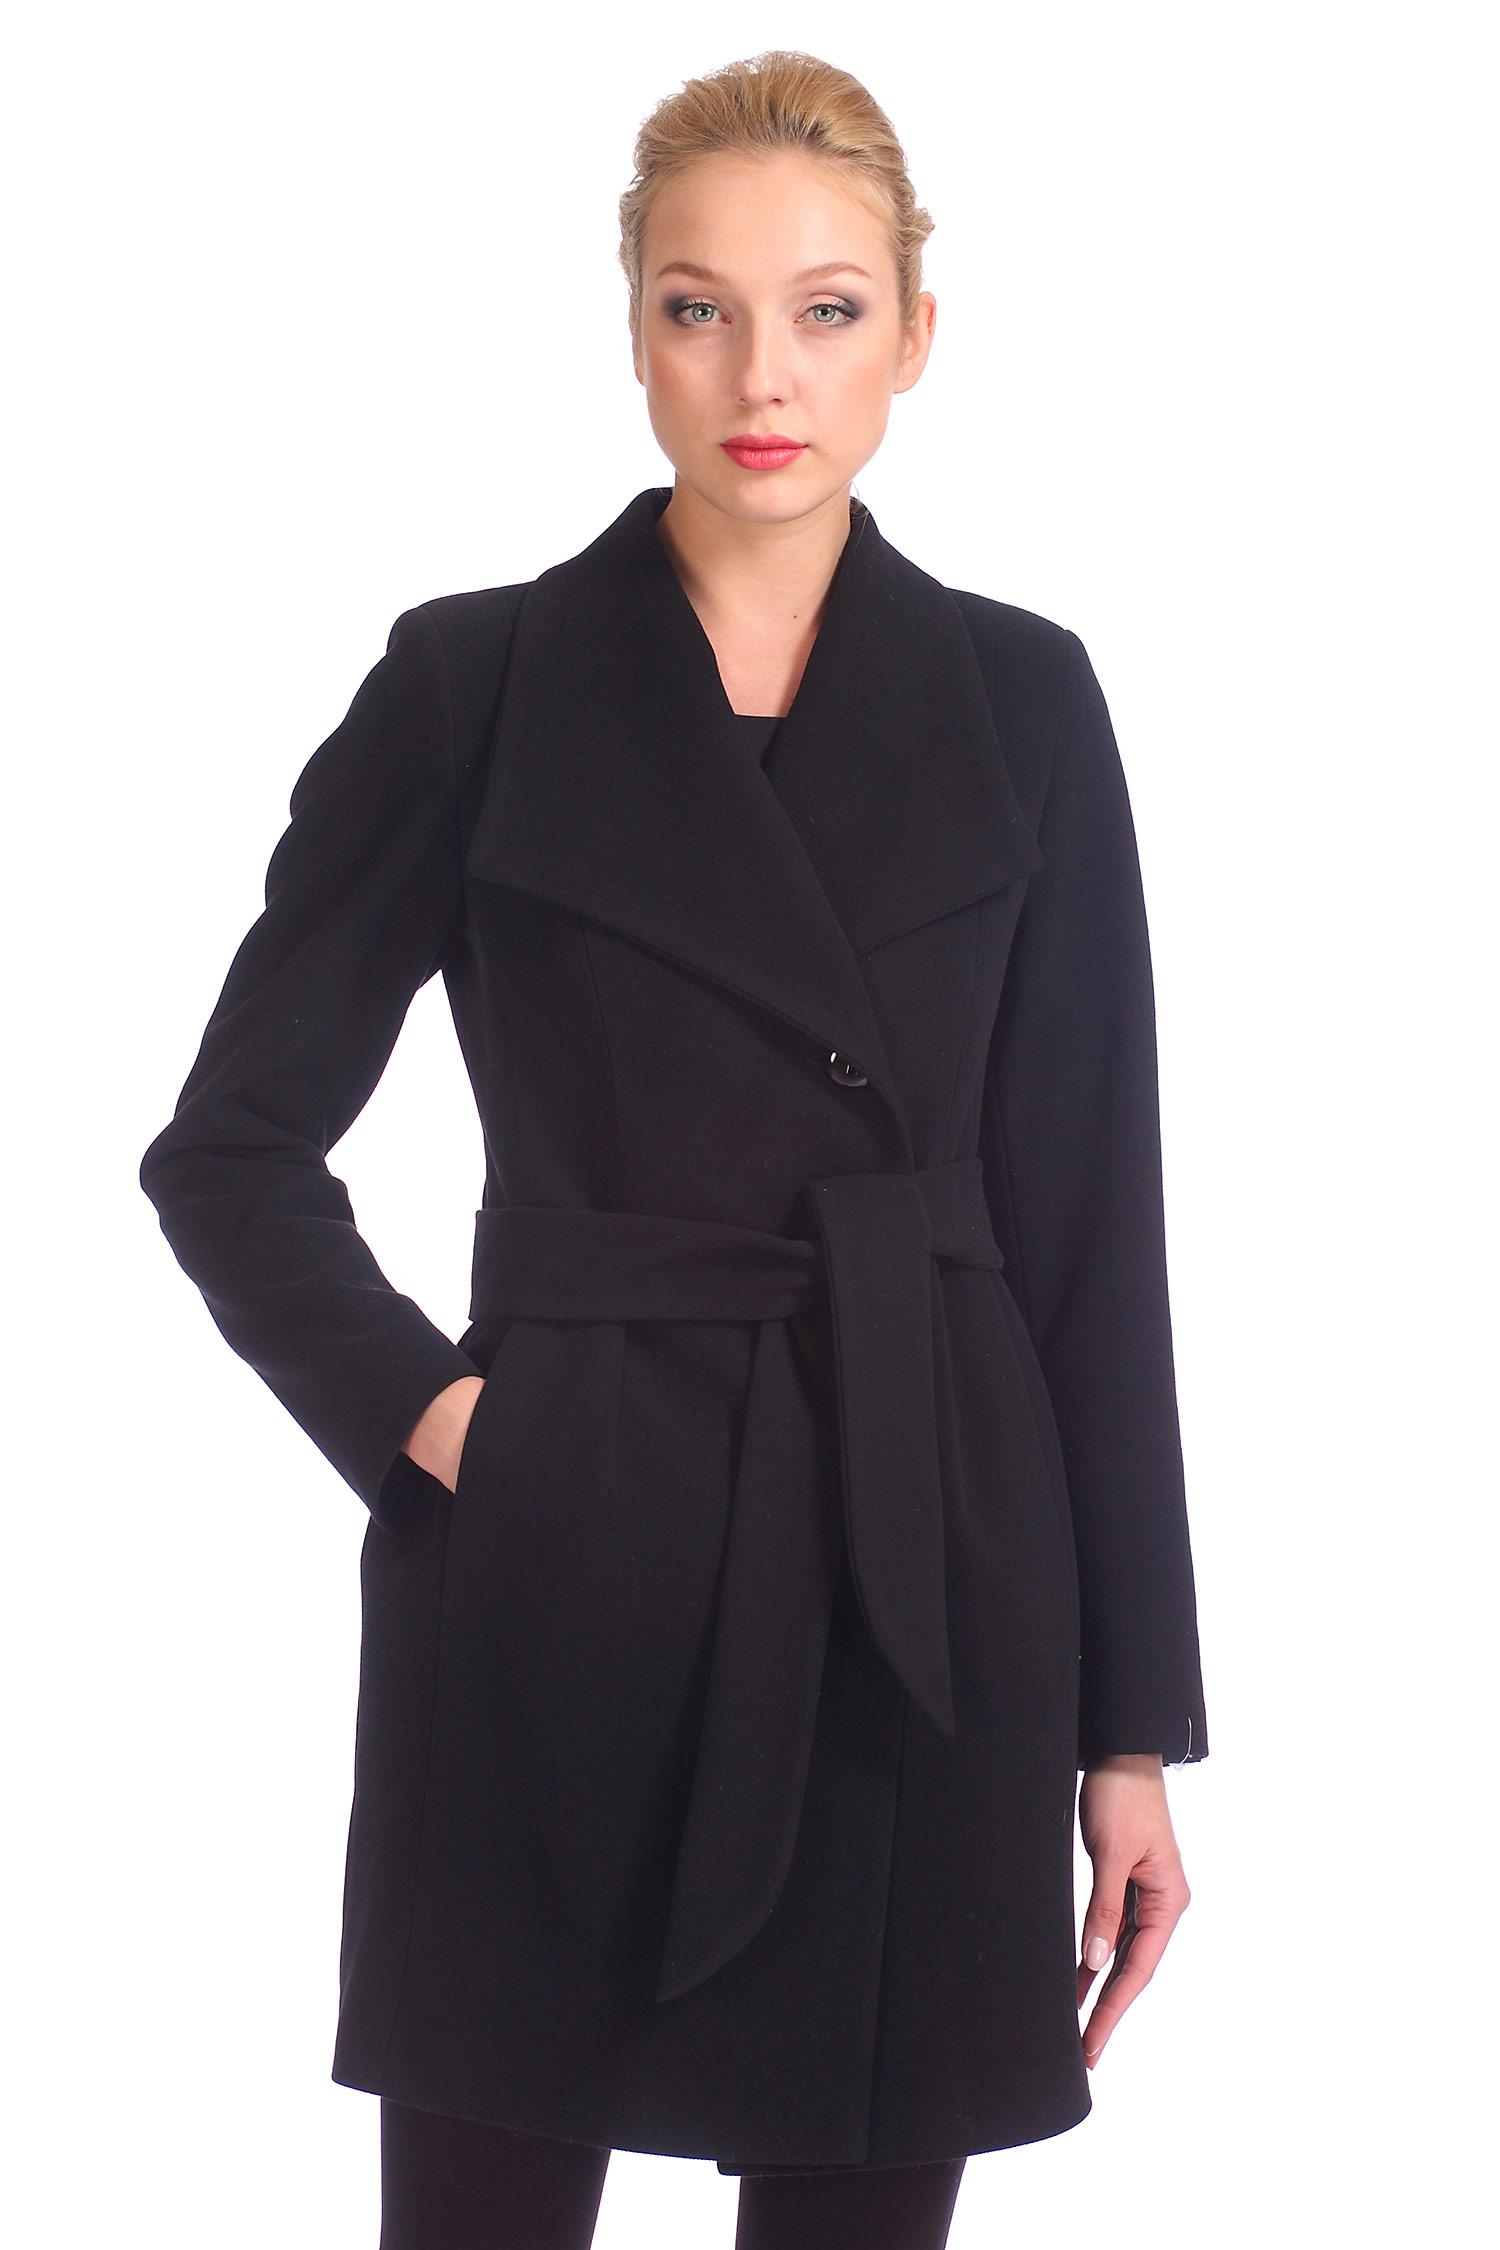 Женское пальто с воротником, без отделки<br><br>Воротник: отложной<br>Длина см: Длинная (свыше 90)<br>Материал: Комбинированный состав<br>Цвет: черный<br>Вид застежки: двубортная<br>Застежка: на пуговицы<br>Пол: Женский